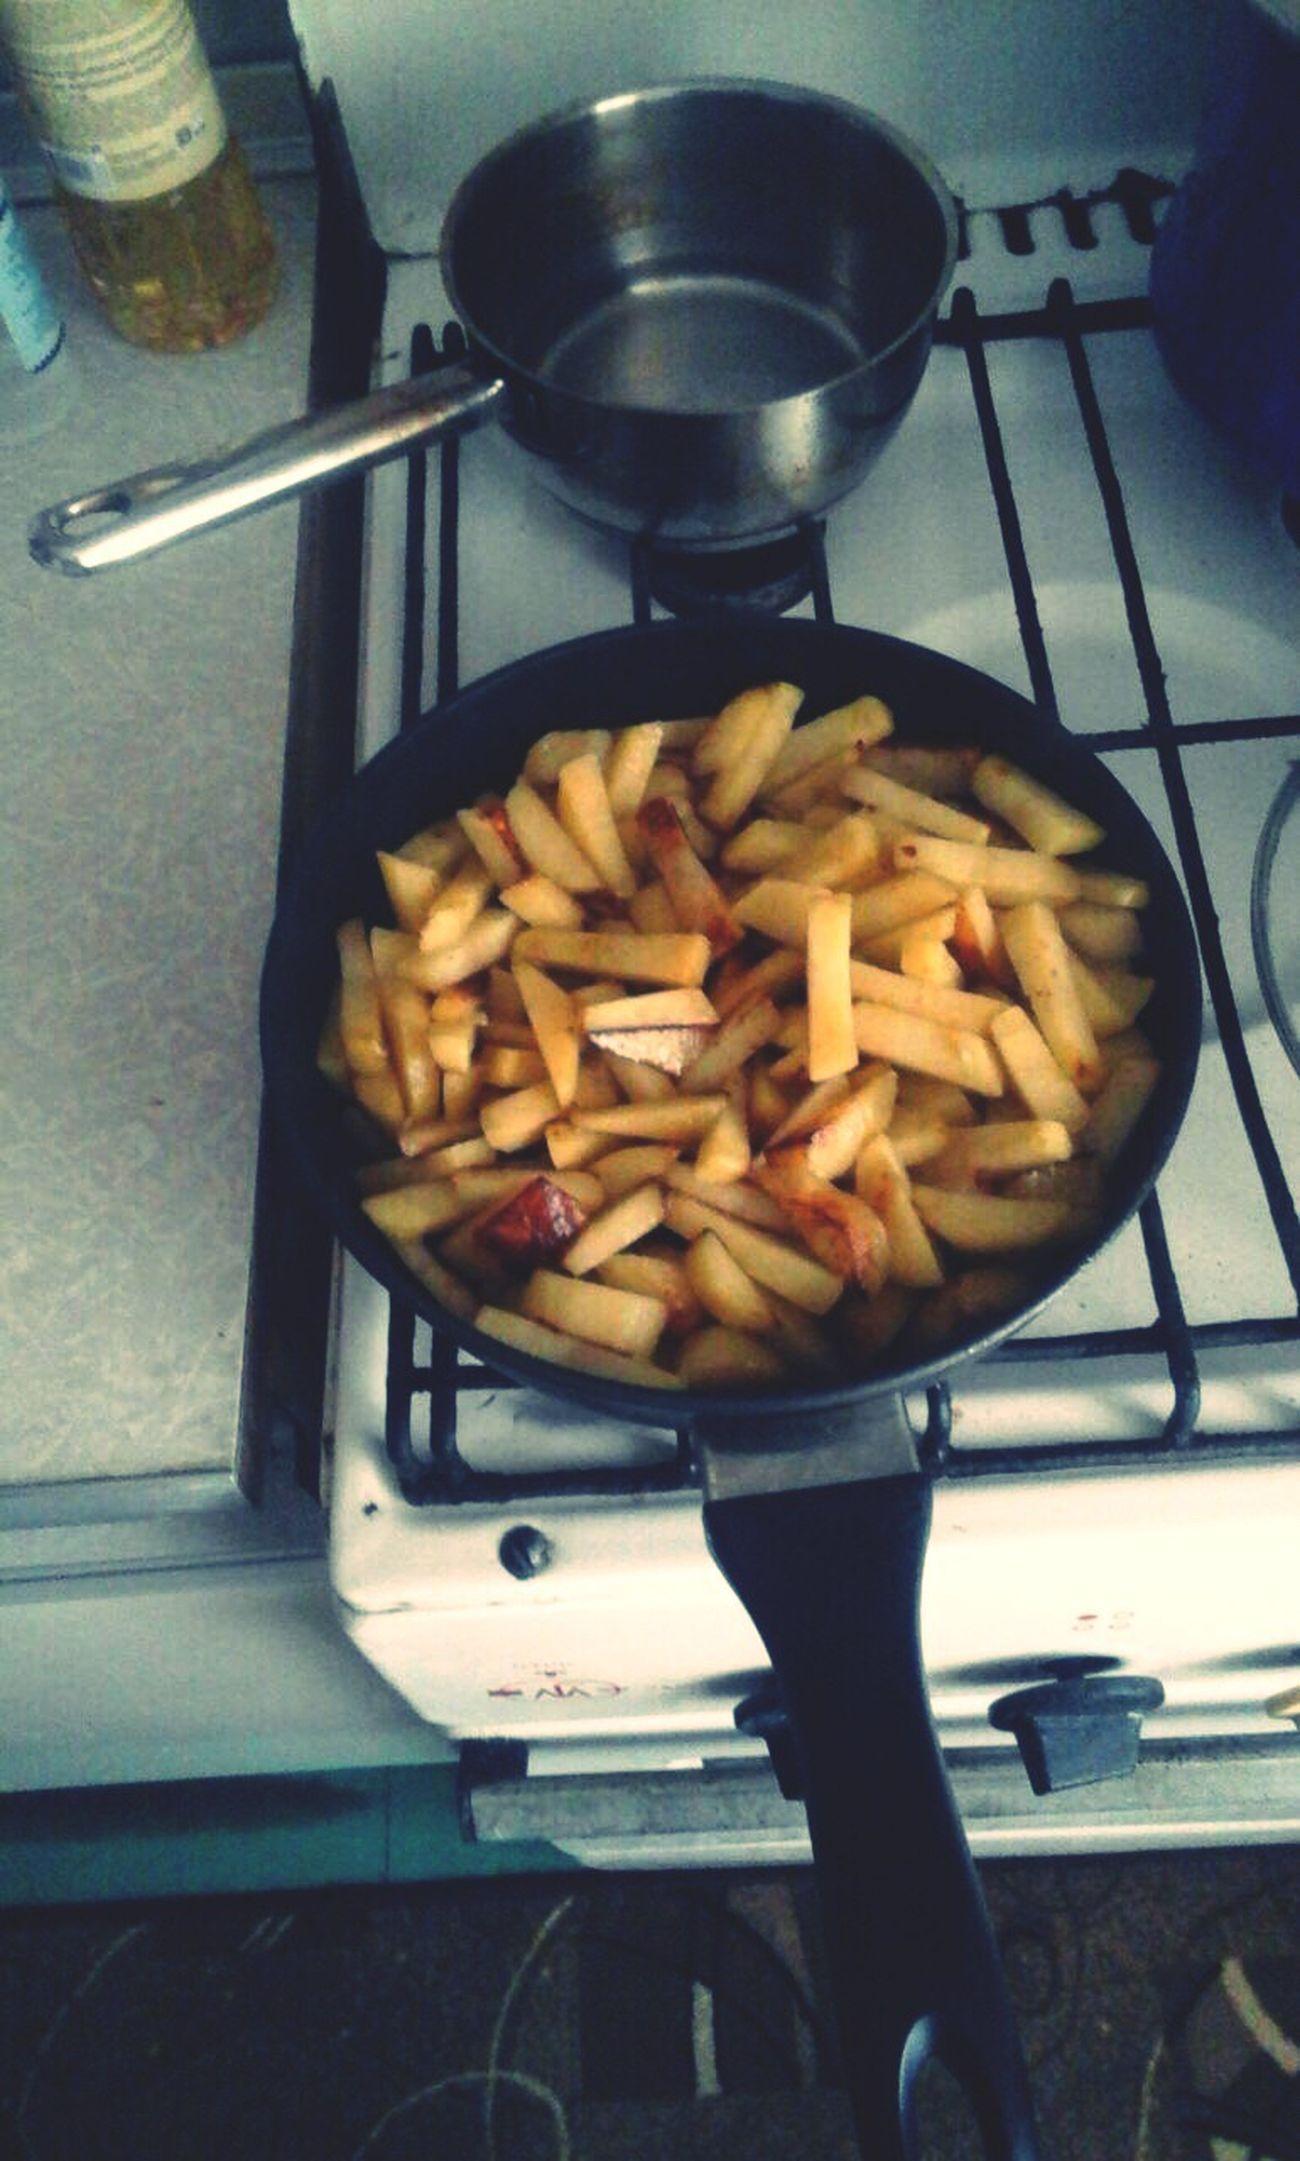 Что-нибудь First Eyeem Photo Potatoes советская СоветскийАрт порусски картошка жаренная картошка готовка всепросто Рашанаша тепло Хорошо вкусно